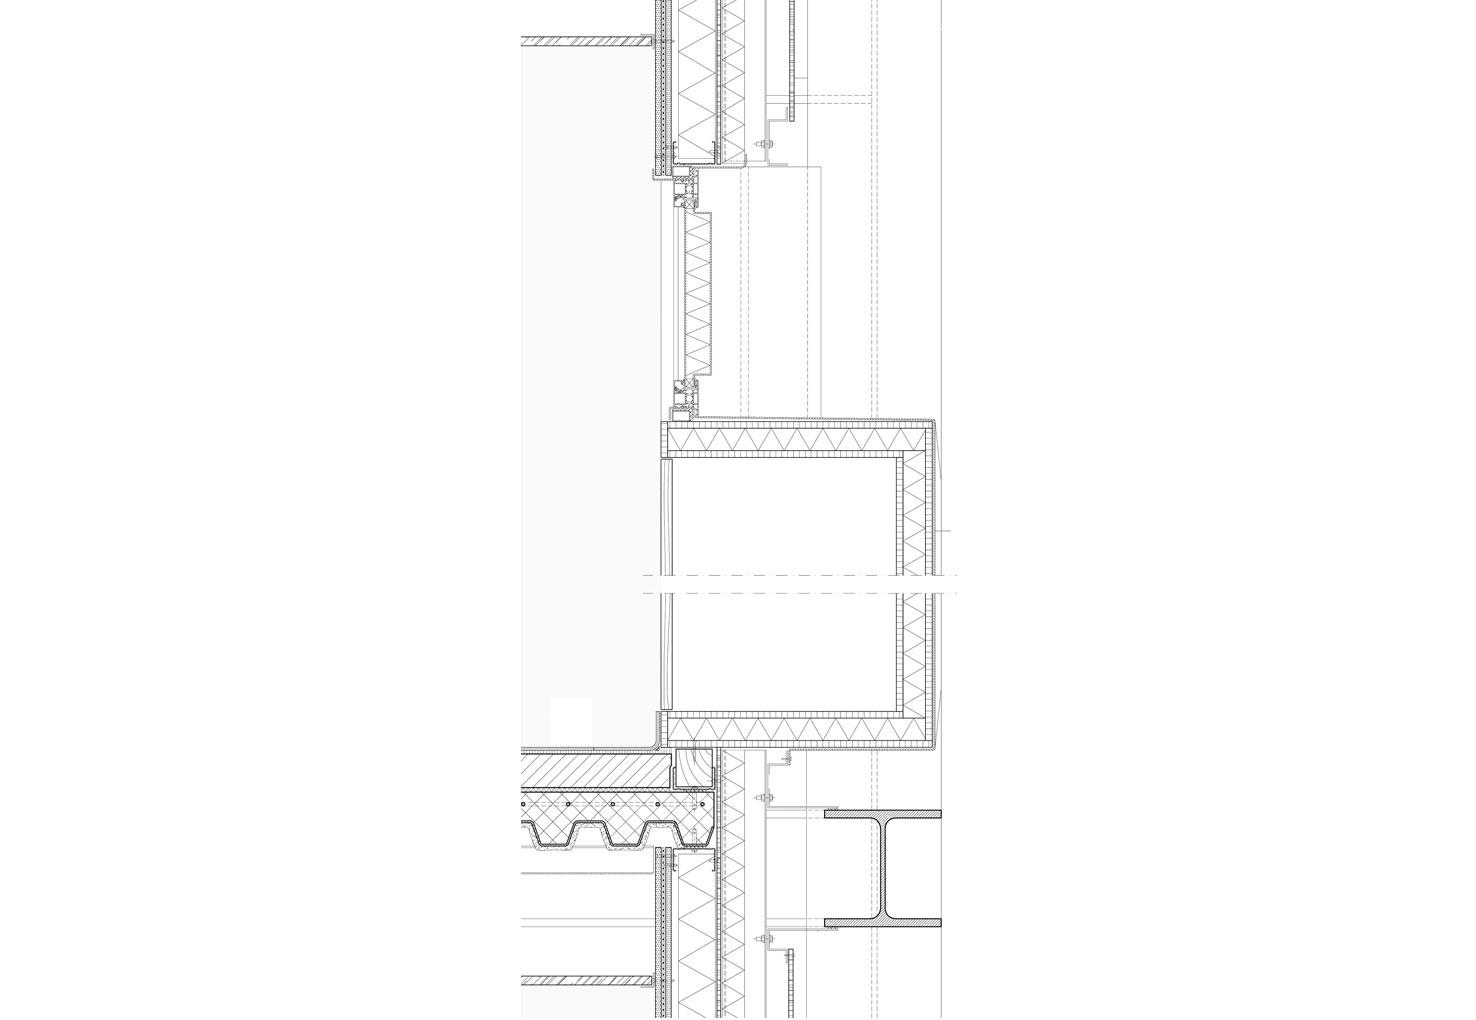 02_dettaglio_rivestimento-Riccione_AIACEsrl